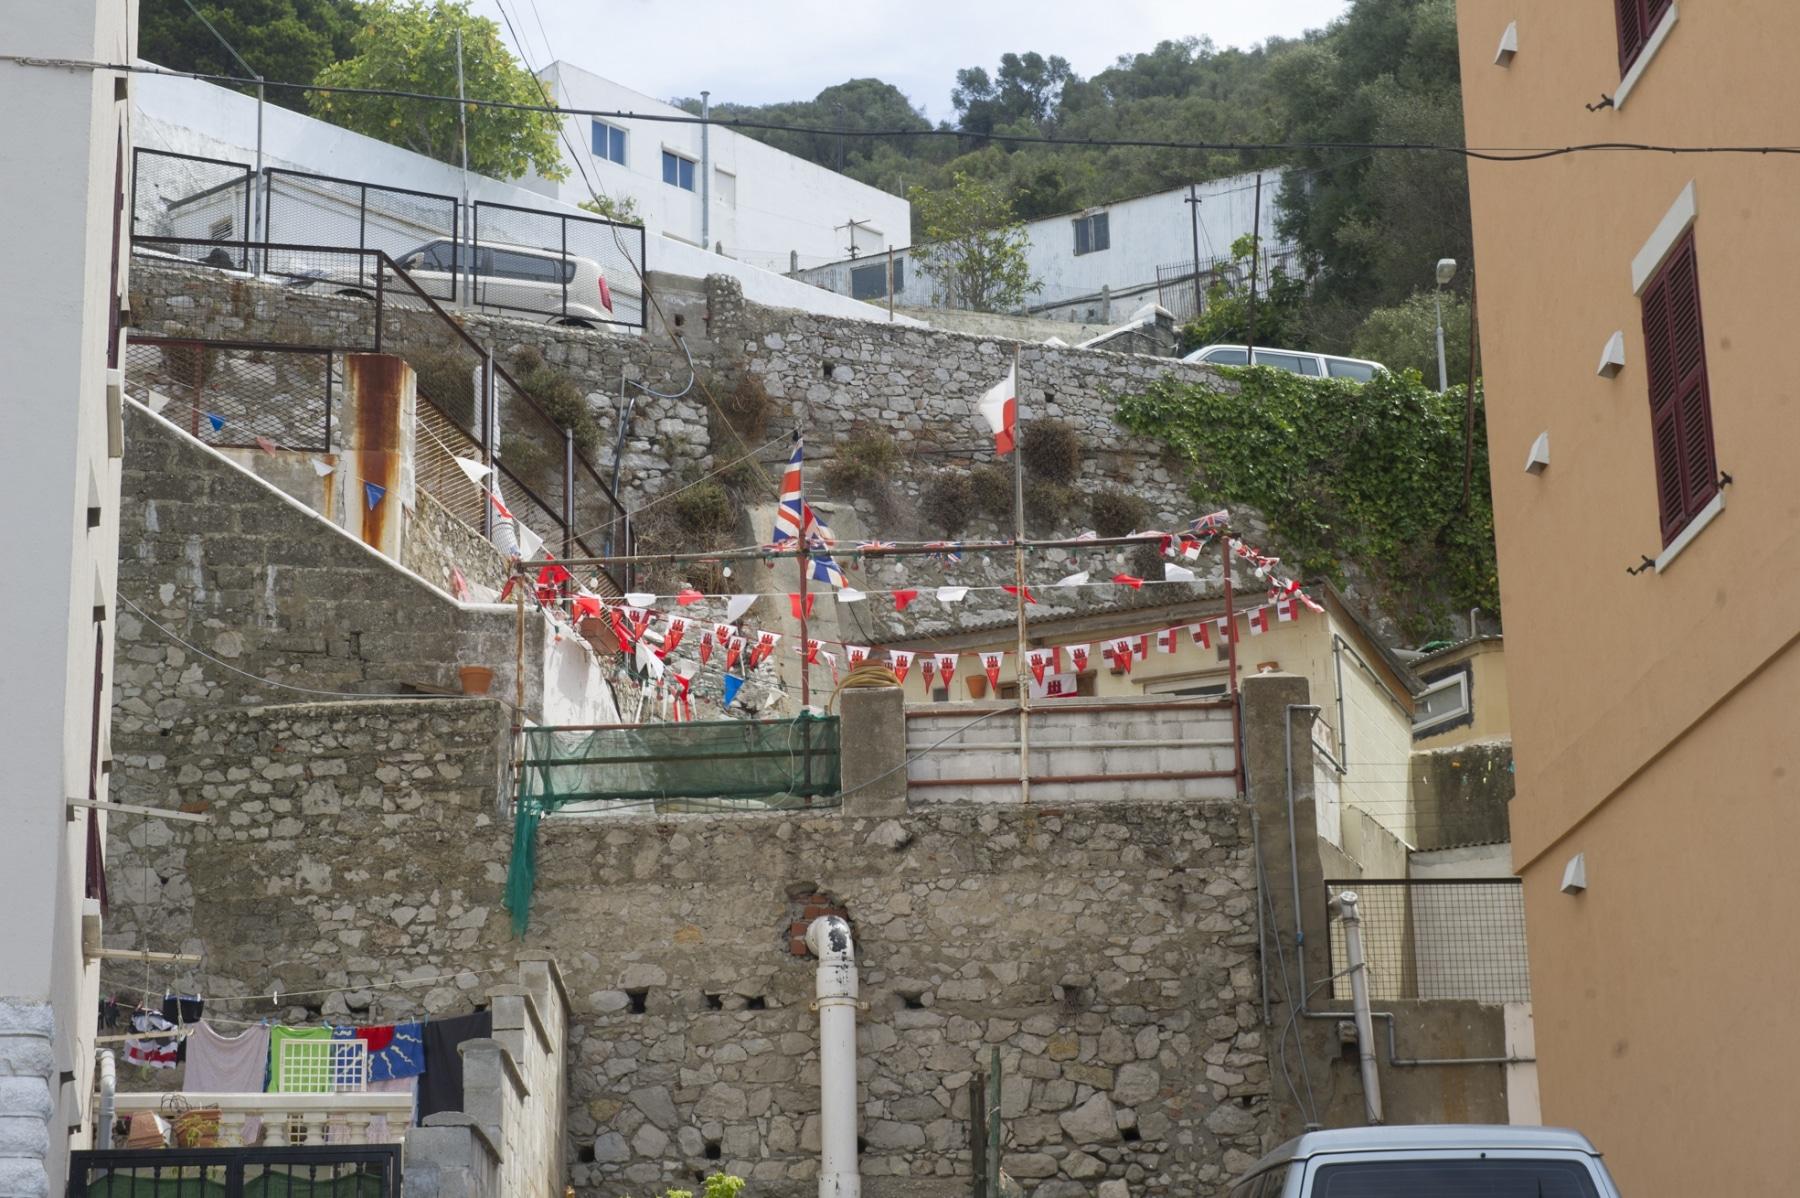 con-motivo-del-da-nacional-de-gibraltar-10-de-septiembre-calles-casas-y-patios-se-engalanan-con-los-colores-nacionales_22726753932_o